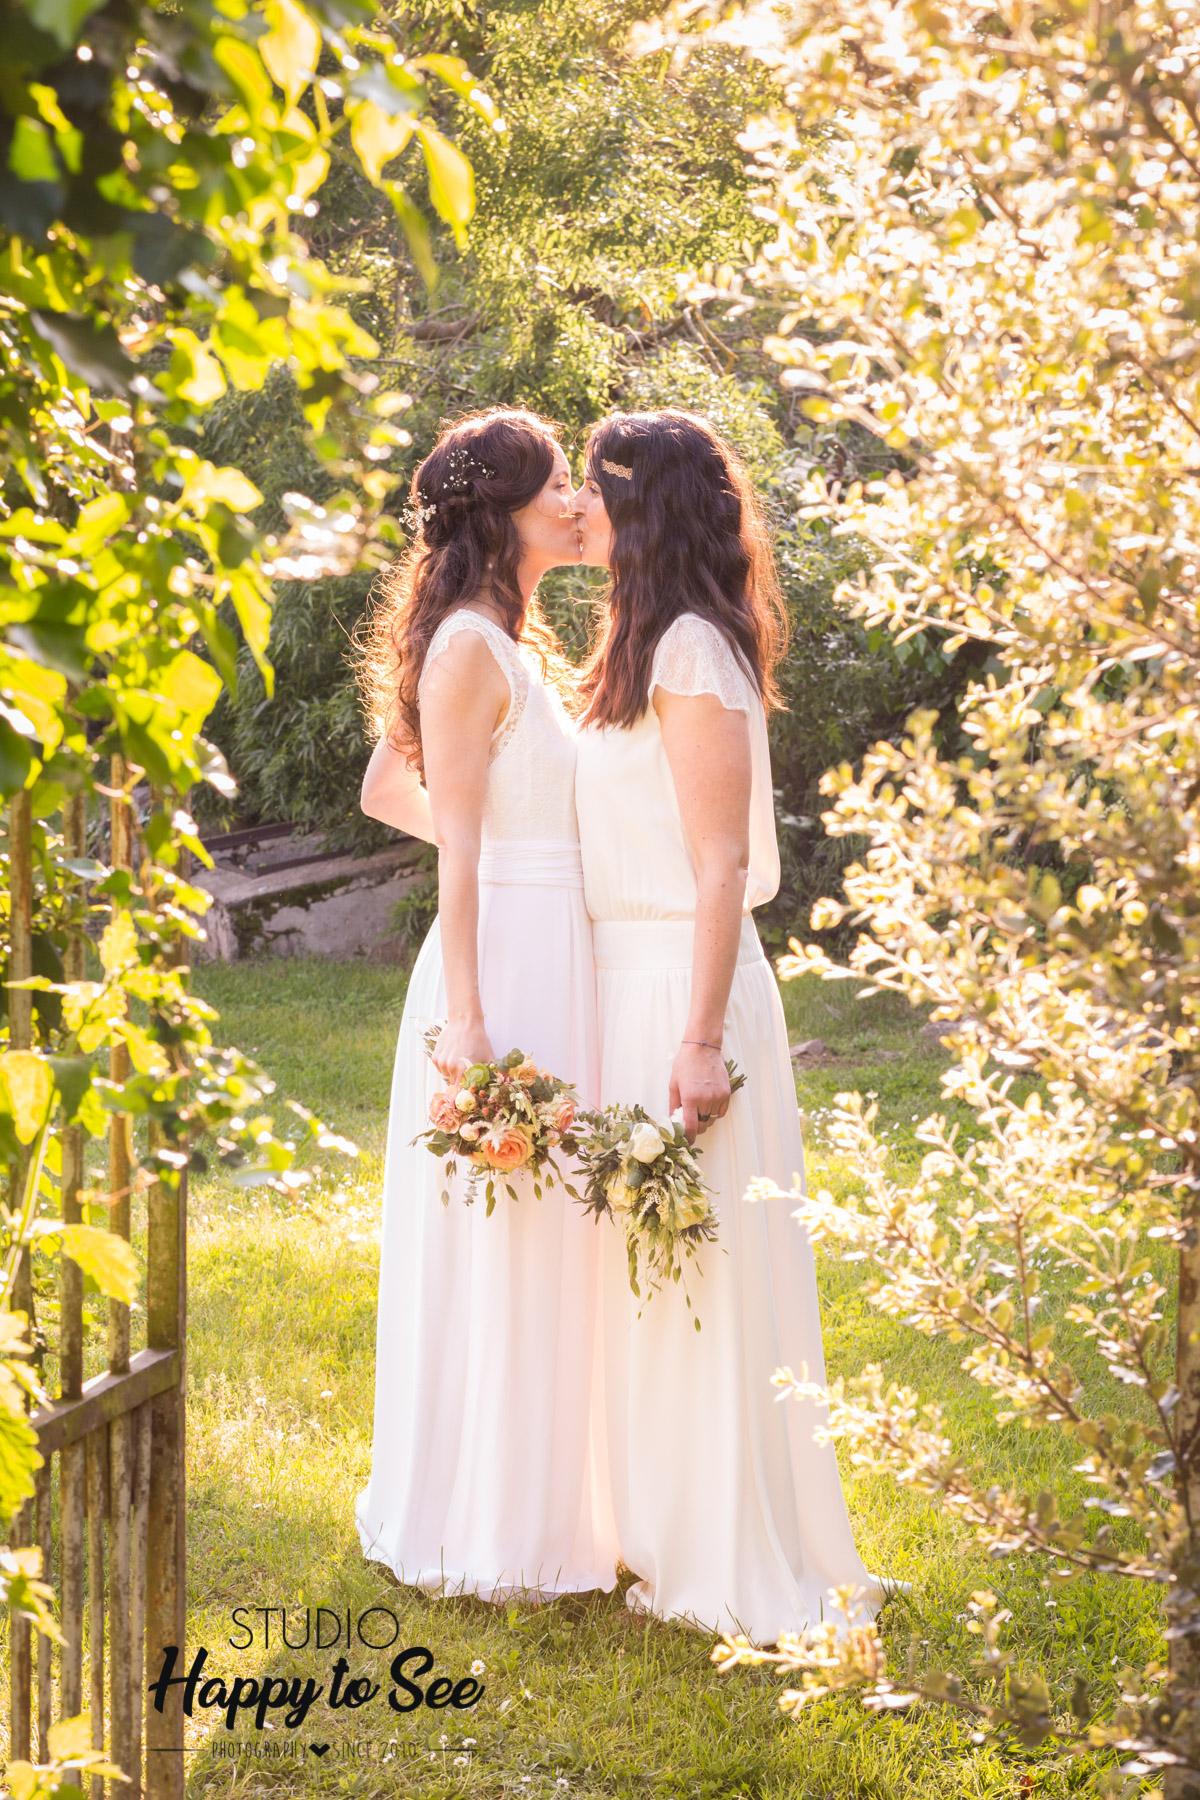 mariage champetre lesbien en ariege